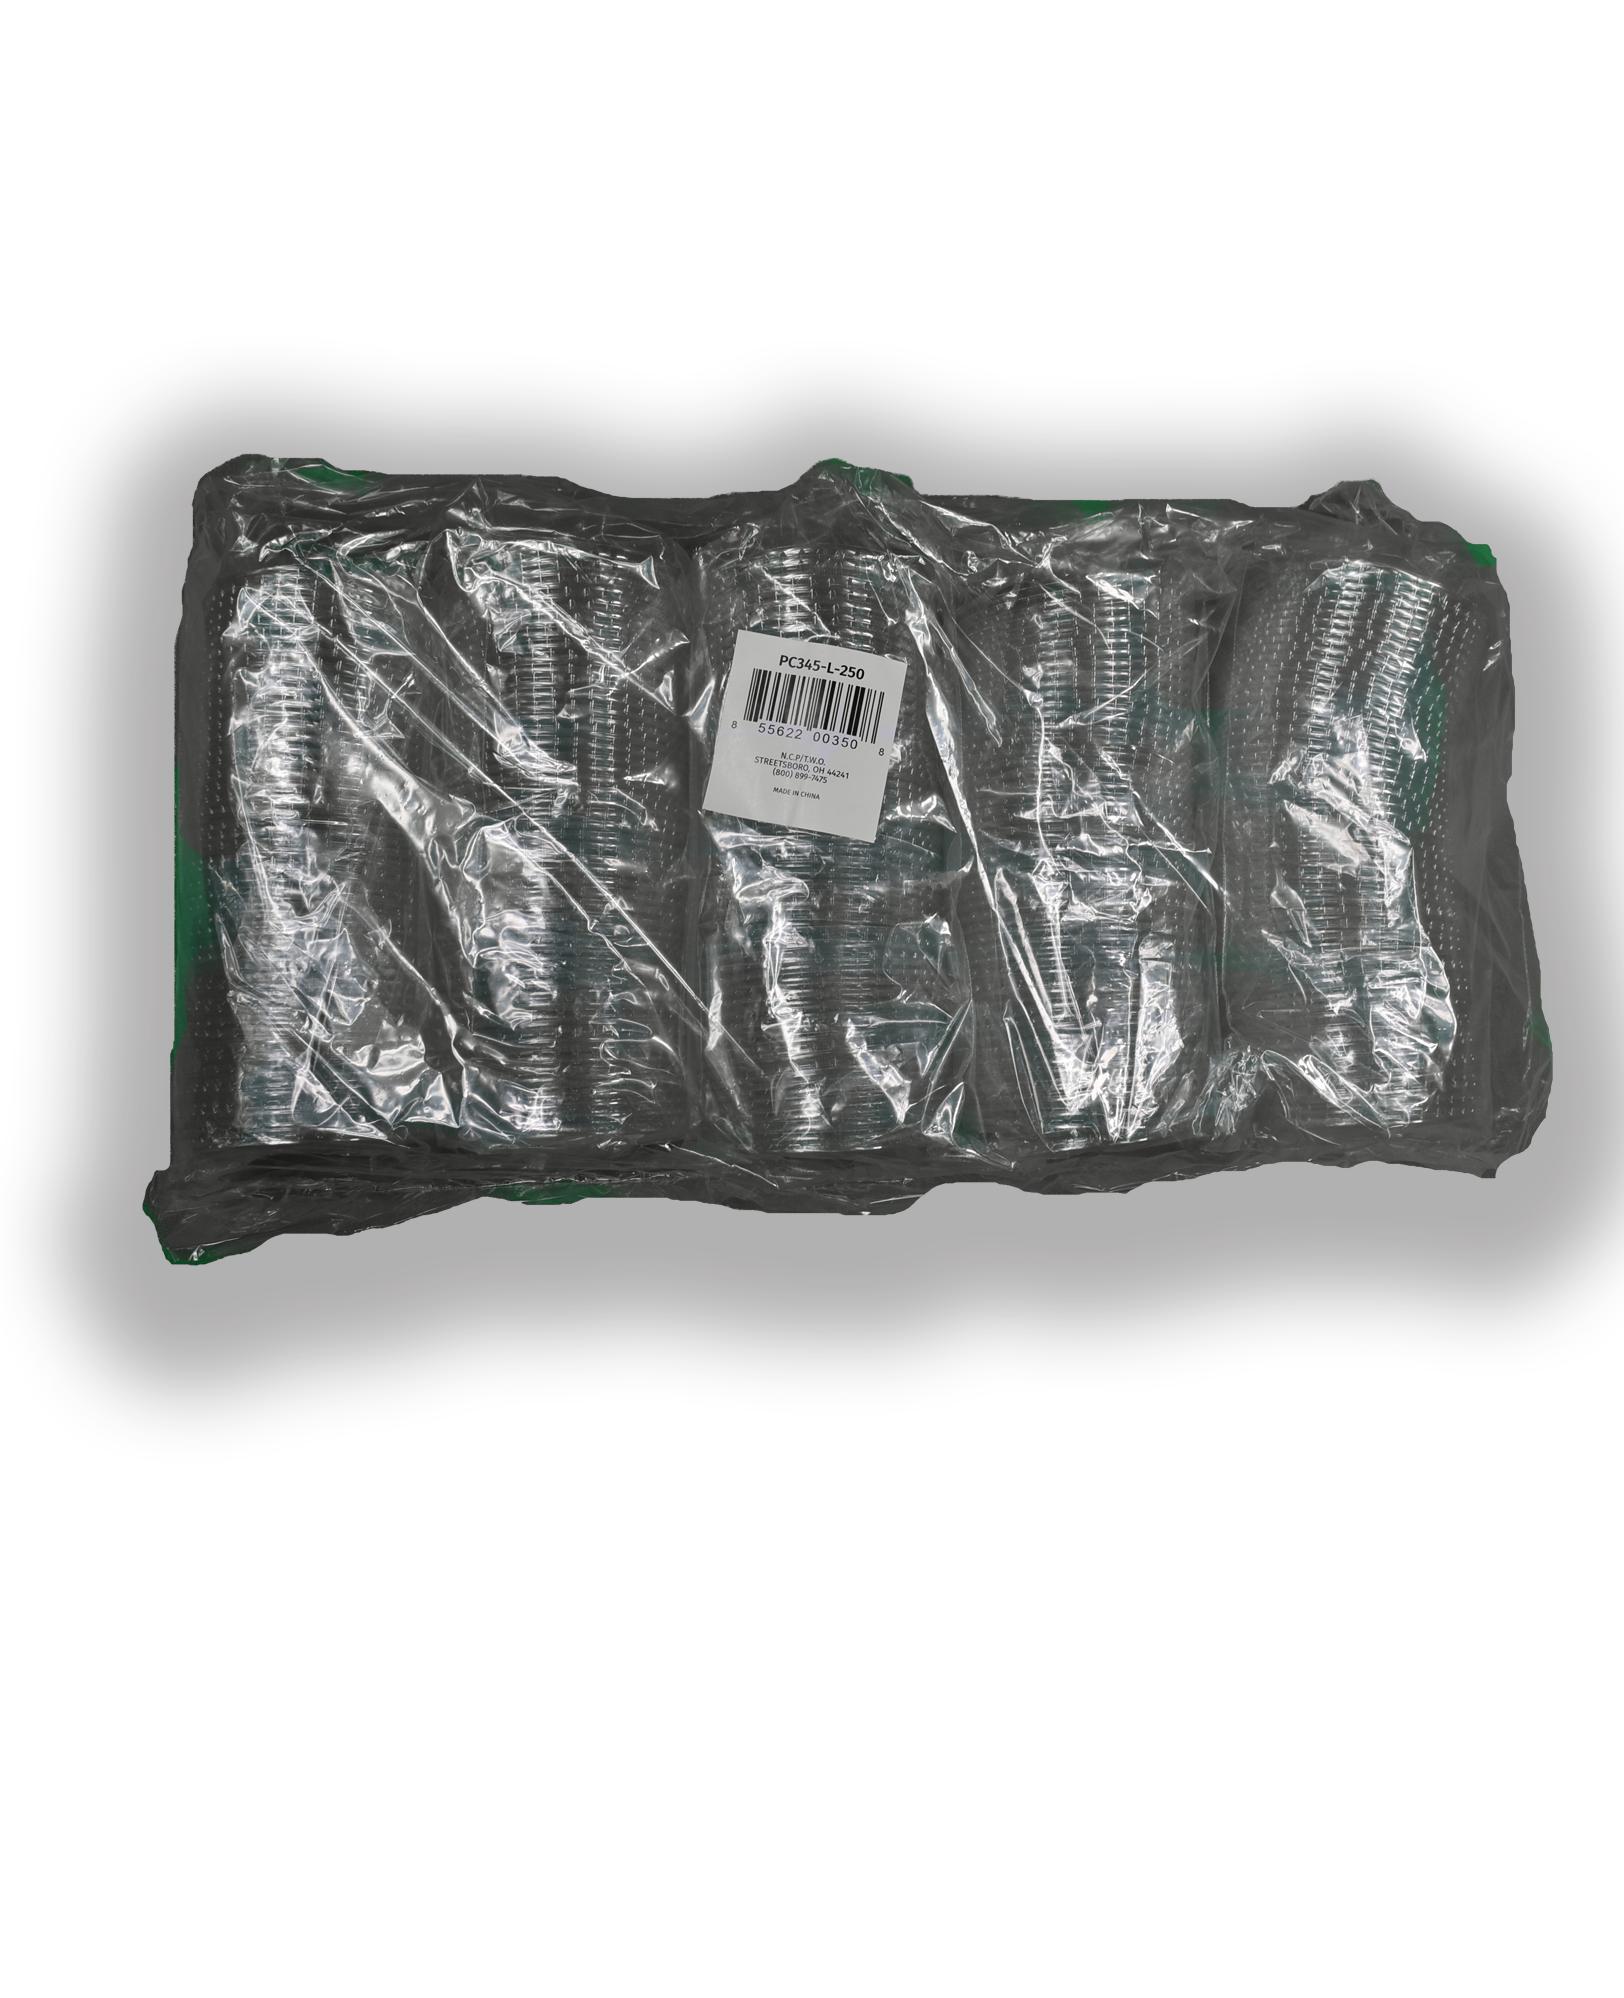 SOUFFLE LID PC345L(3-4-5 CUP)